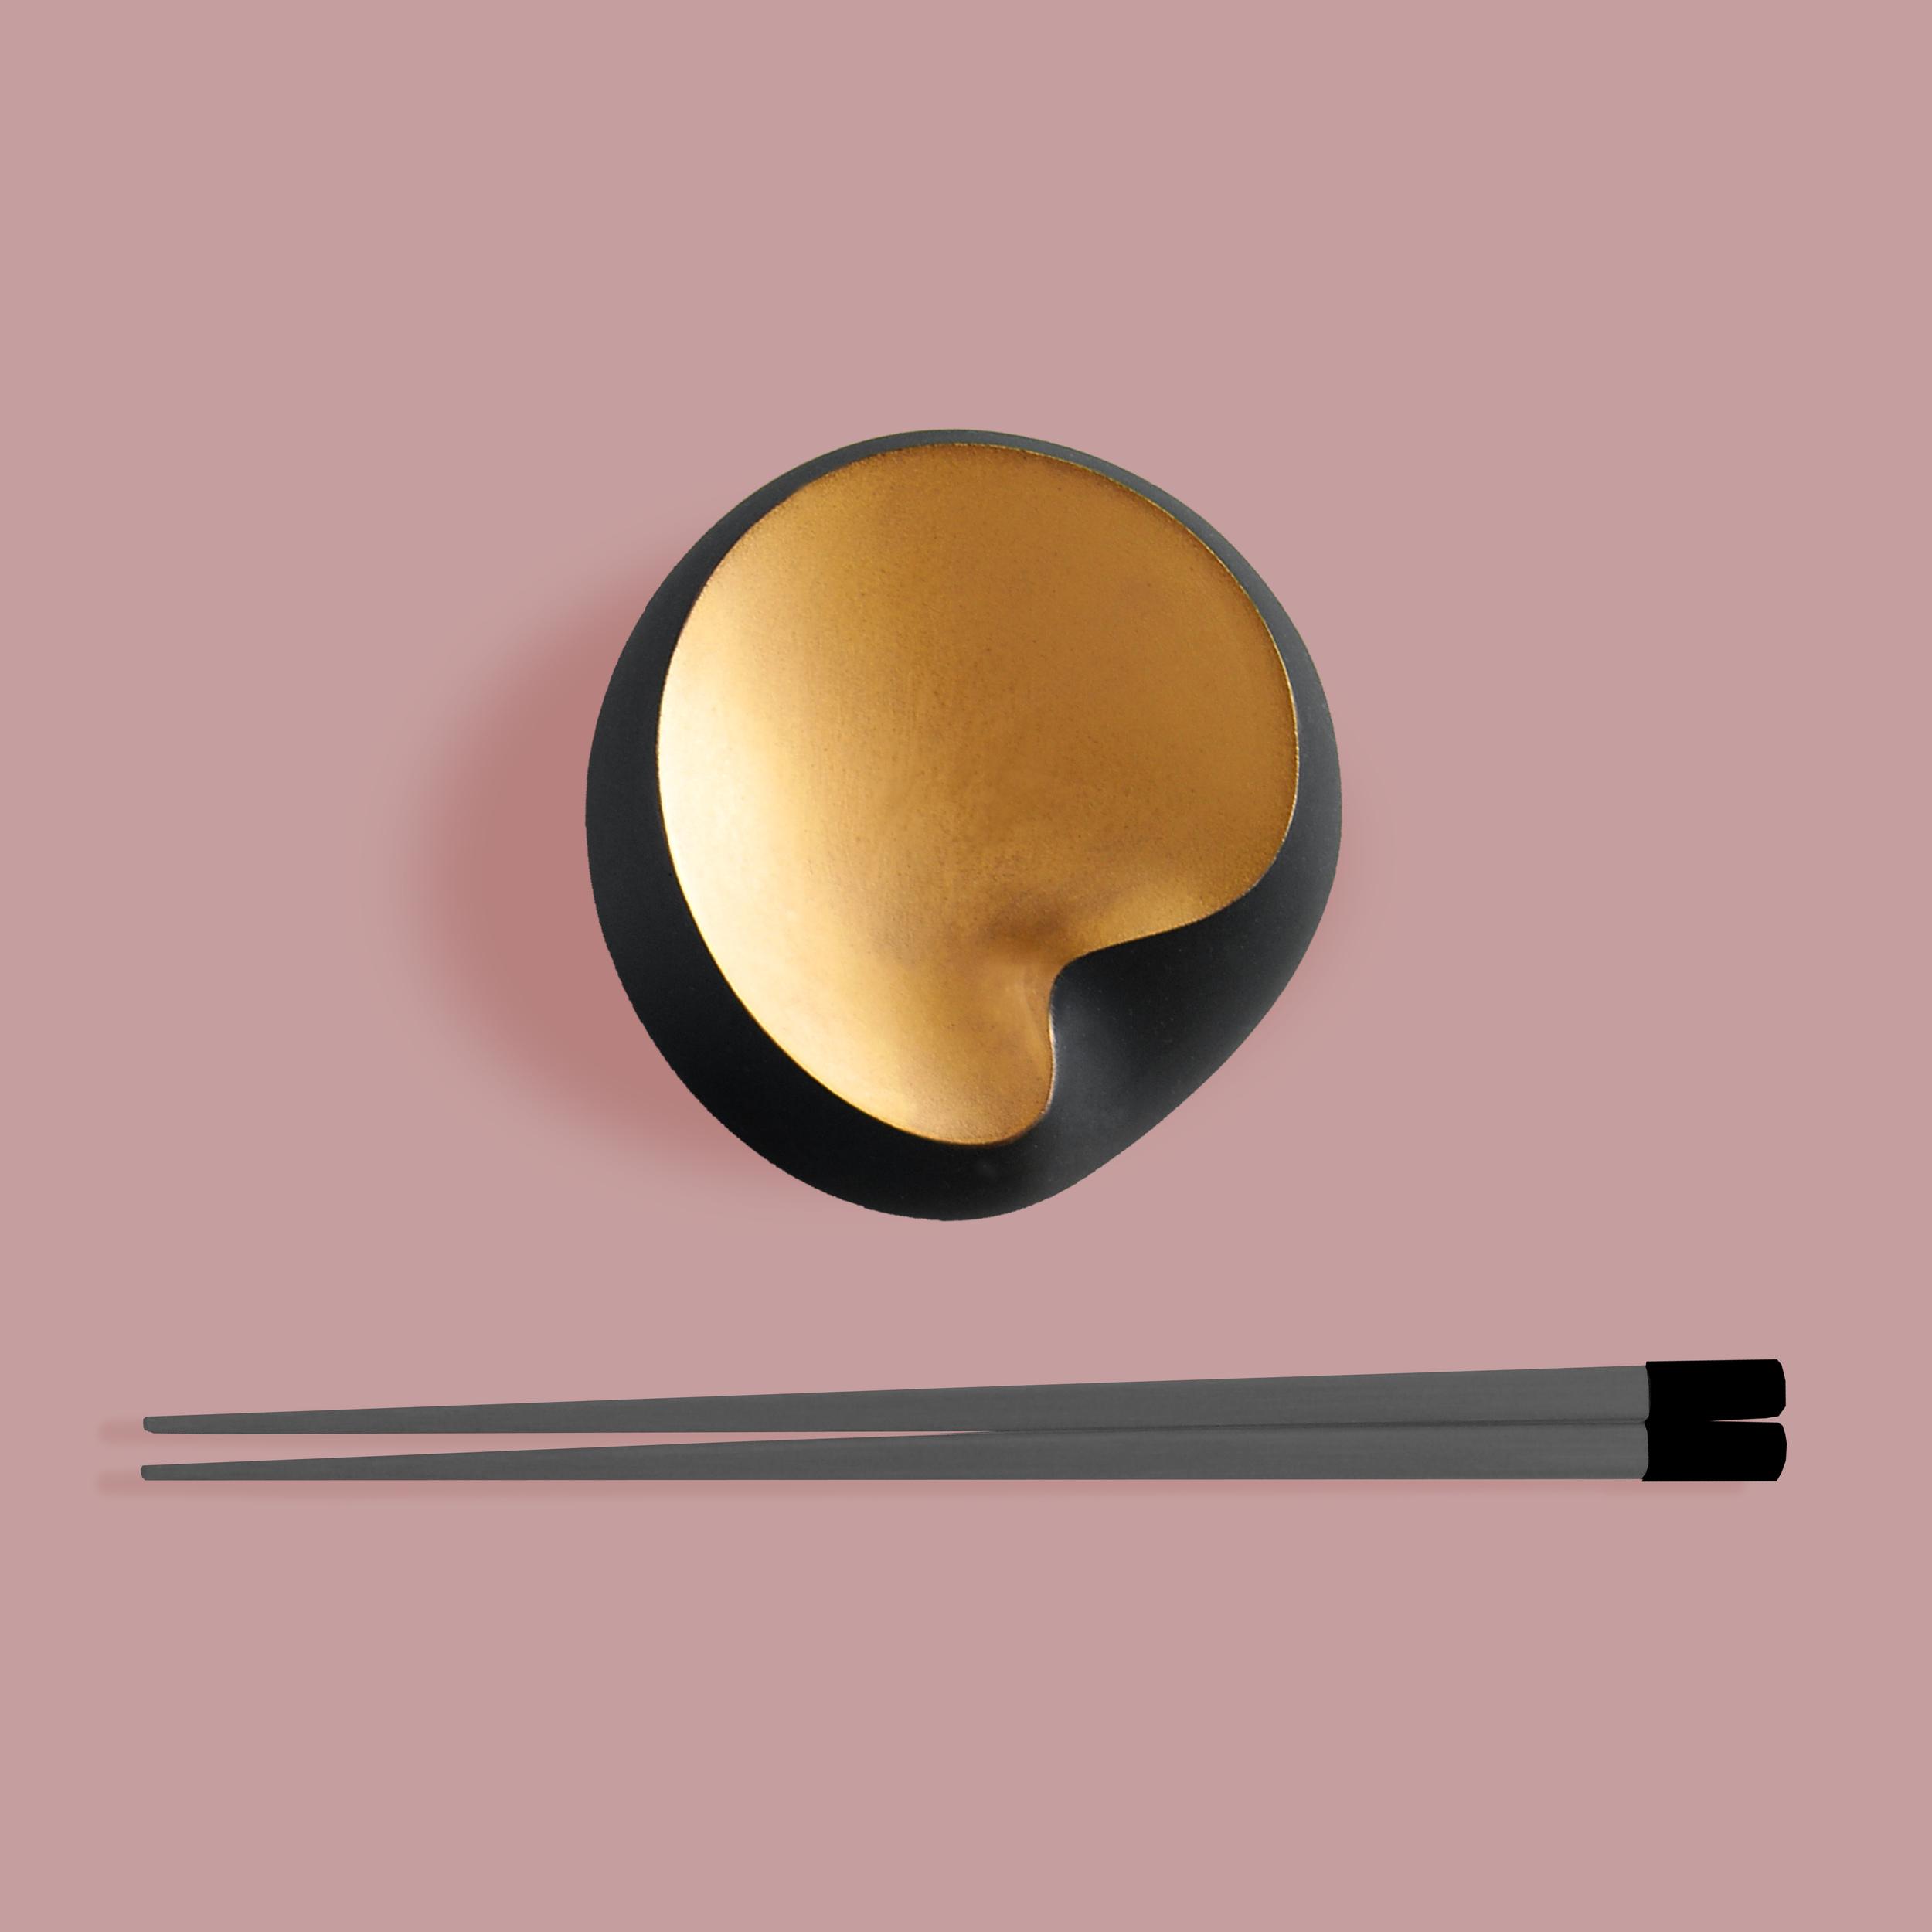 Iiro A. Ahokas: Dynasty, bowl in black china and gold enamel, 2015. Photo: Iiro A. Ahokas.